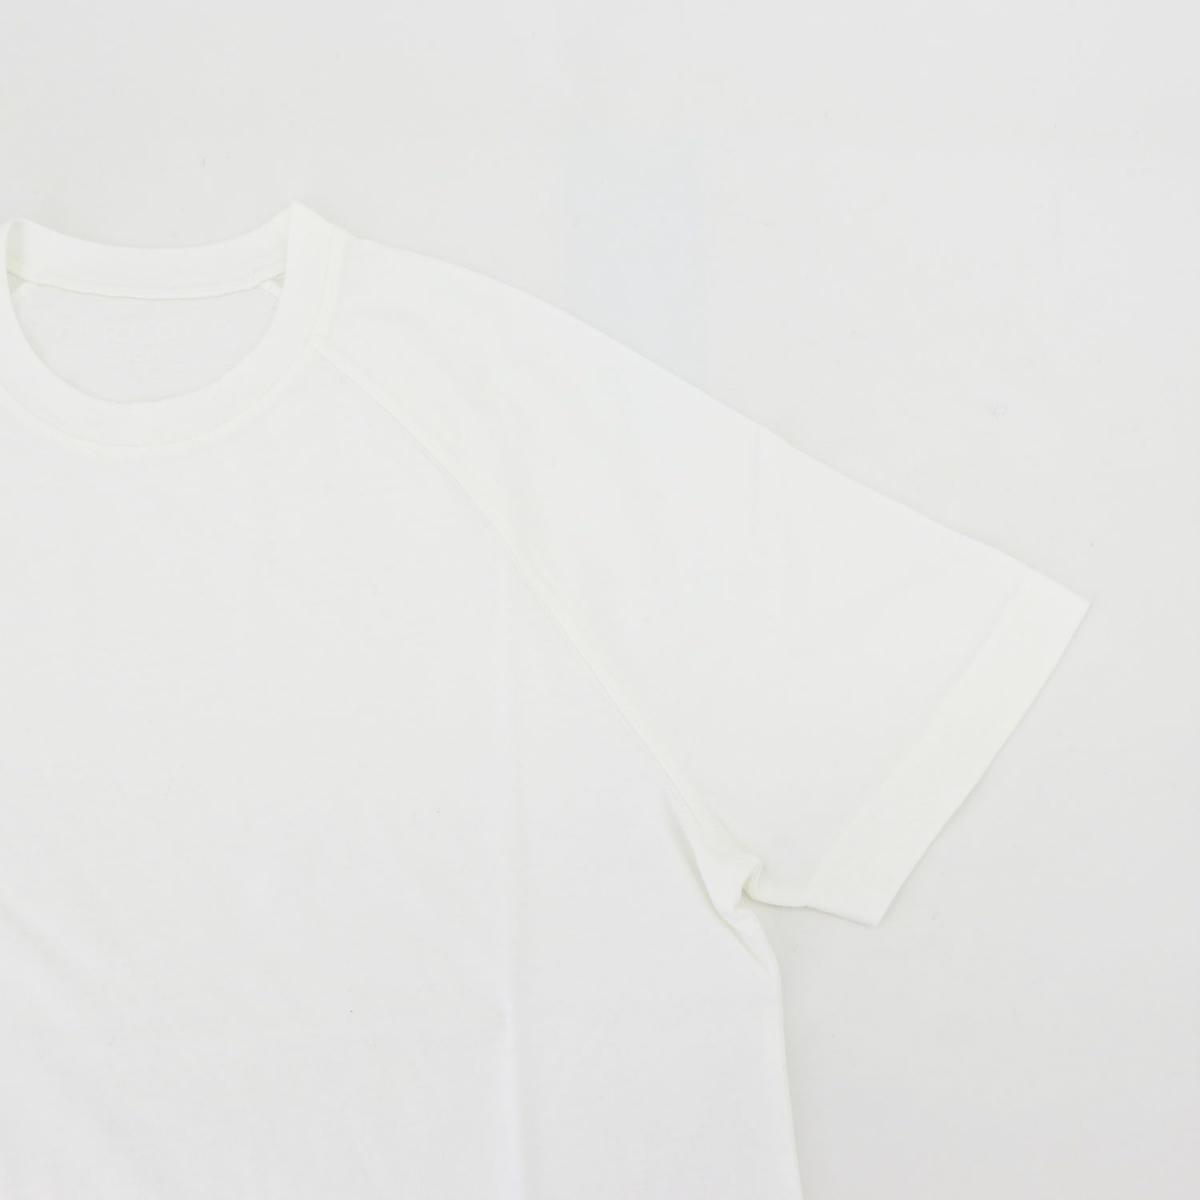 チルコロ1901 CIRCOLO1901 メンズ コットン クルーネック 半袖 ラグランスリーブTシャツ CN2999 CIR T-SHIRT RAGLAN 1104-299914 BIAN(ホワイト) 春夏新作